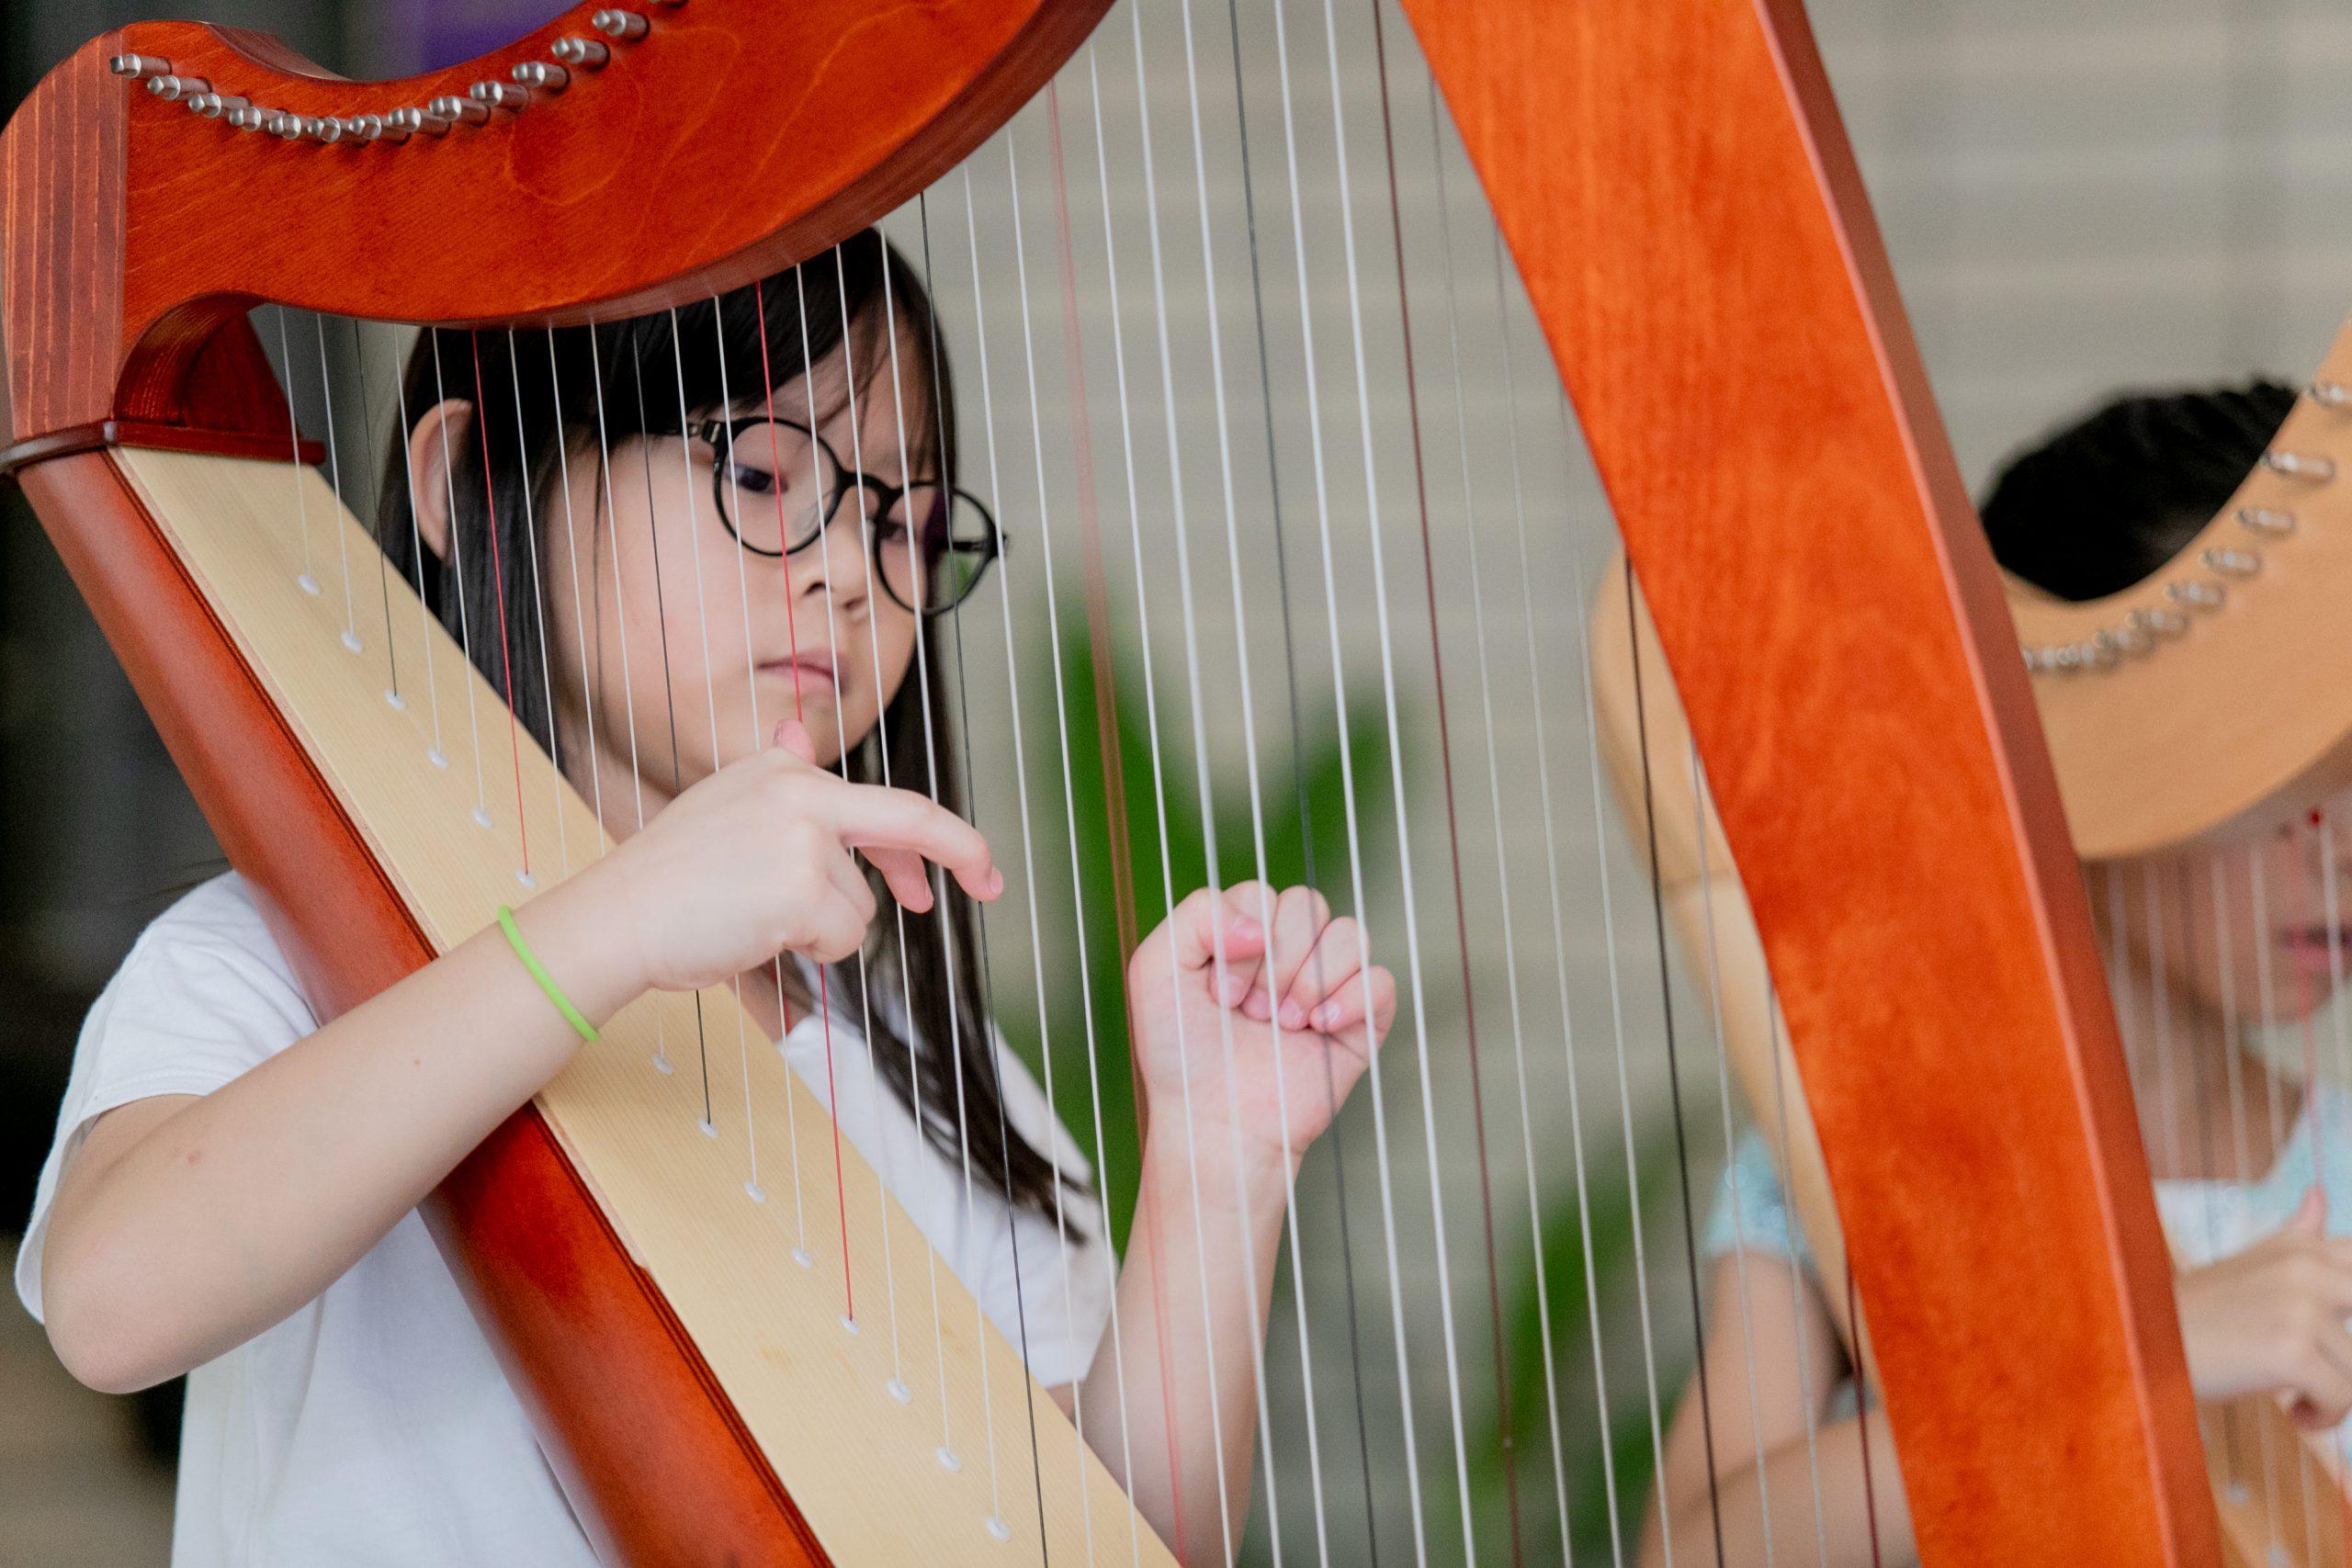 The Premier Harp Centre